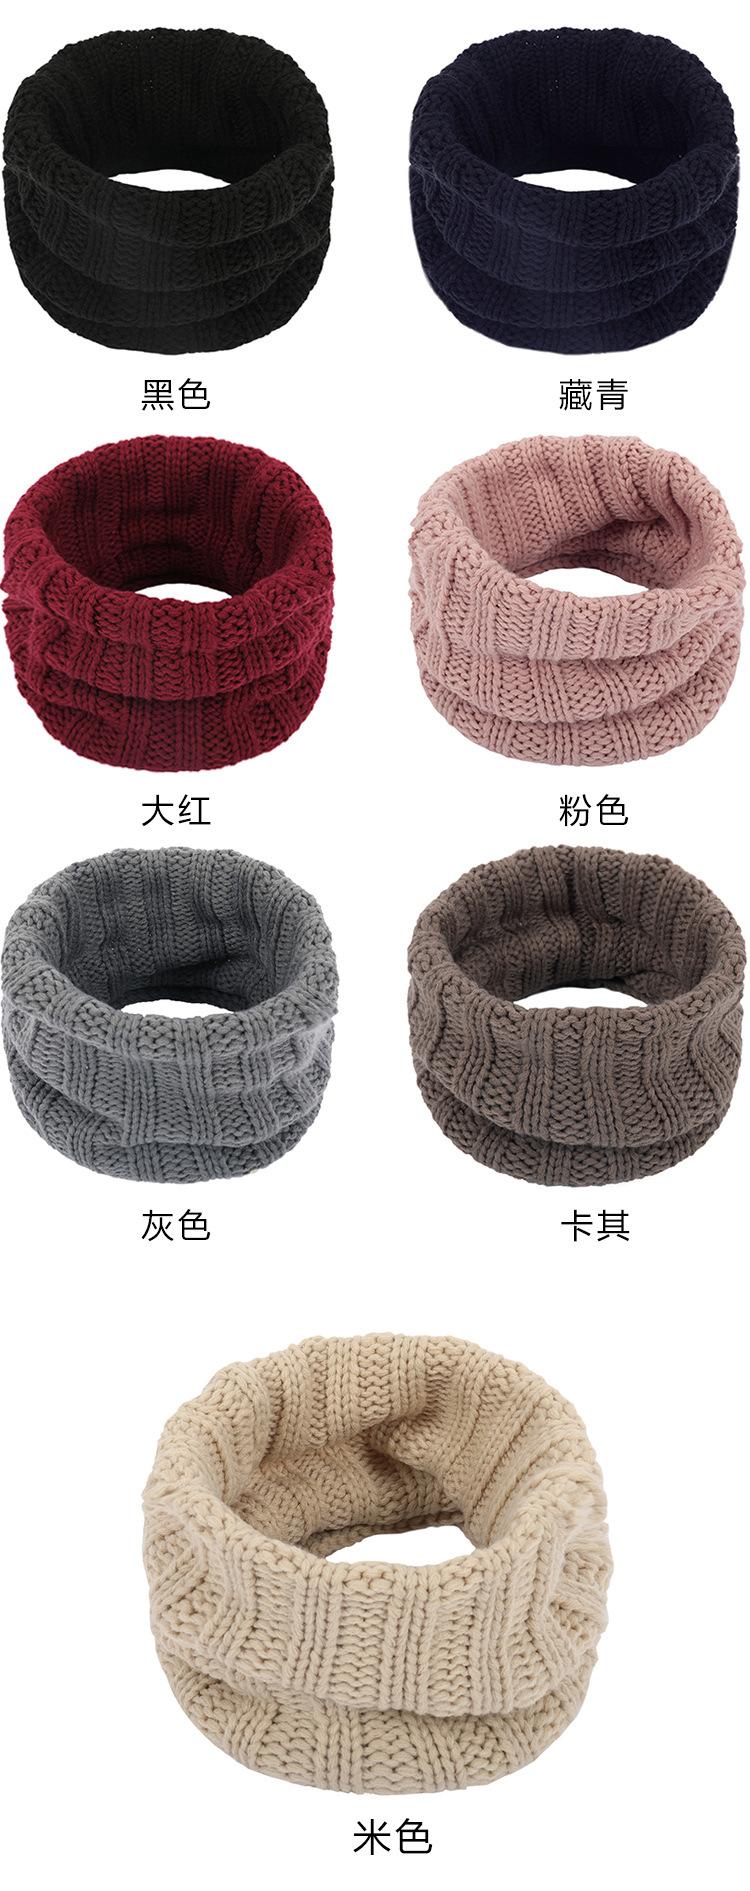 对折毛线围脖  颜色组合1.jpg